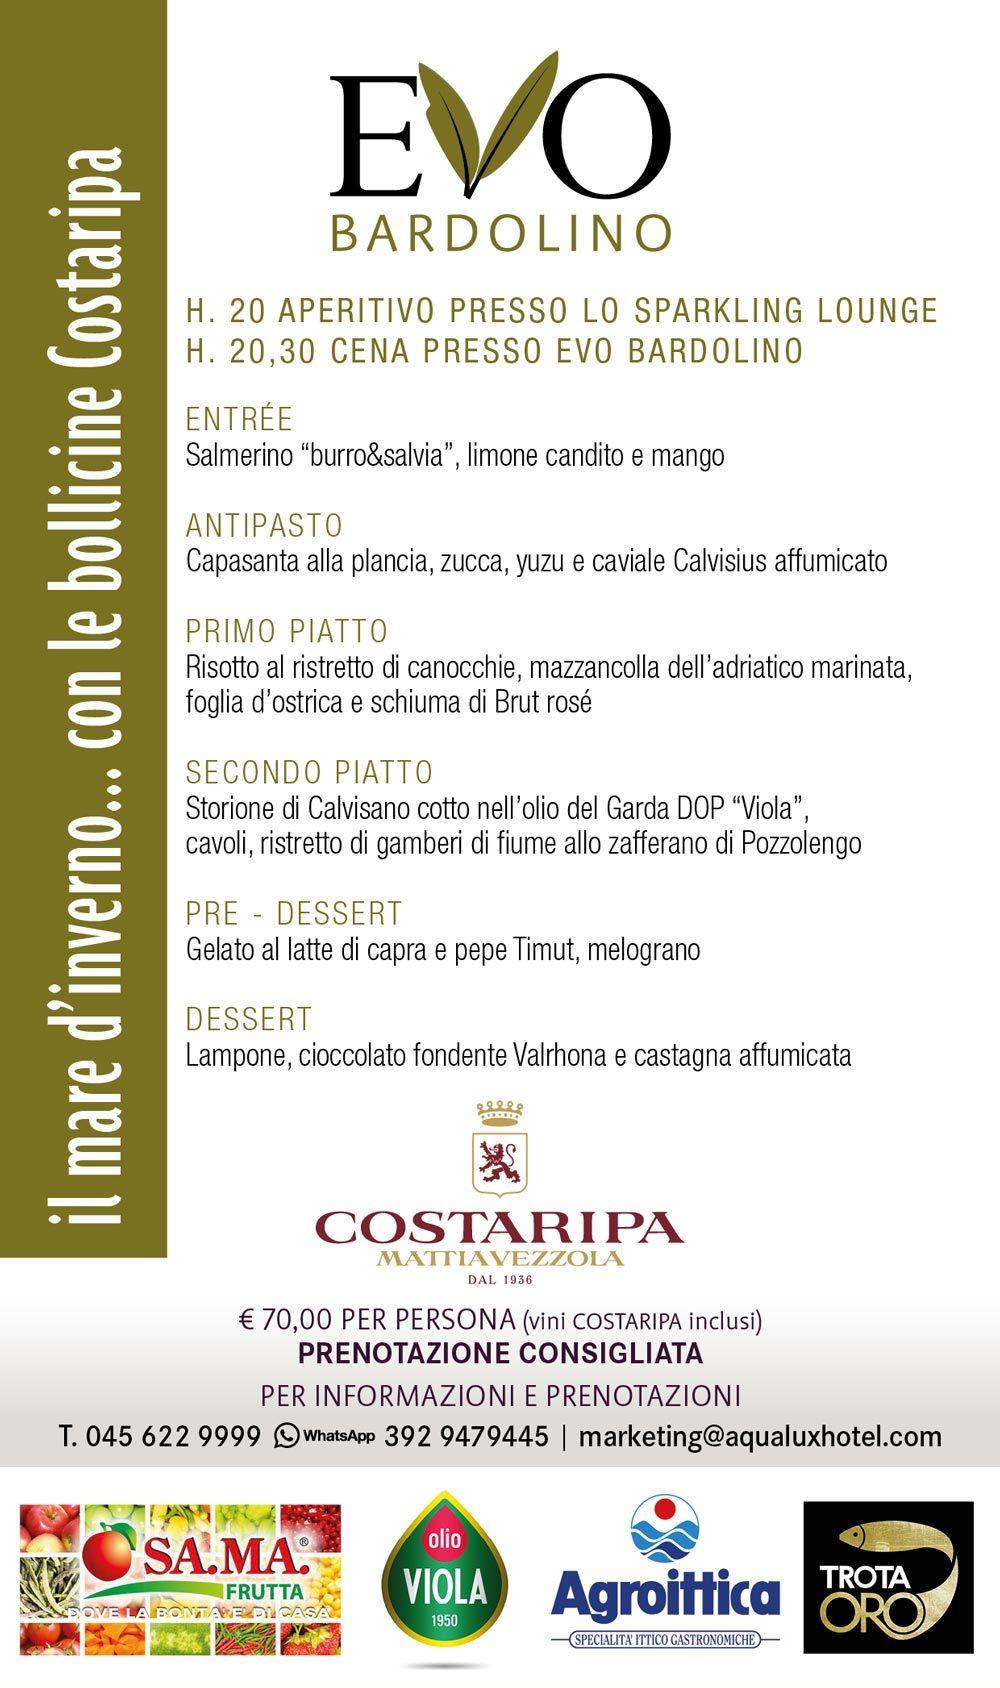 Evento Evo Ristorante Bardolino pesce e champagne